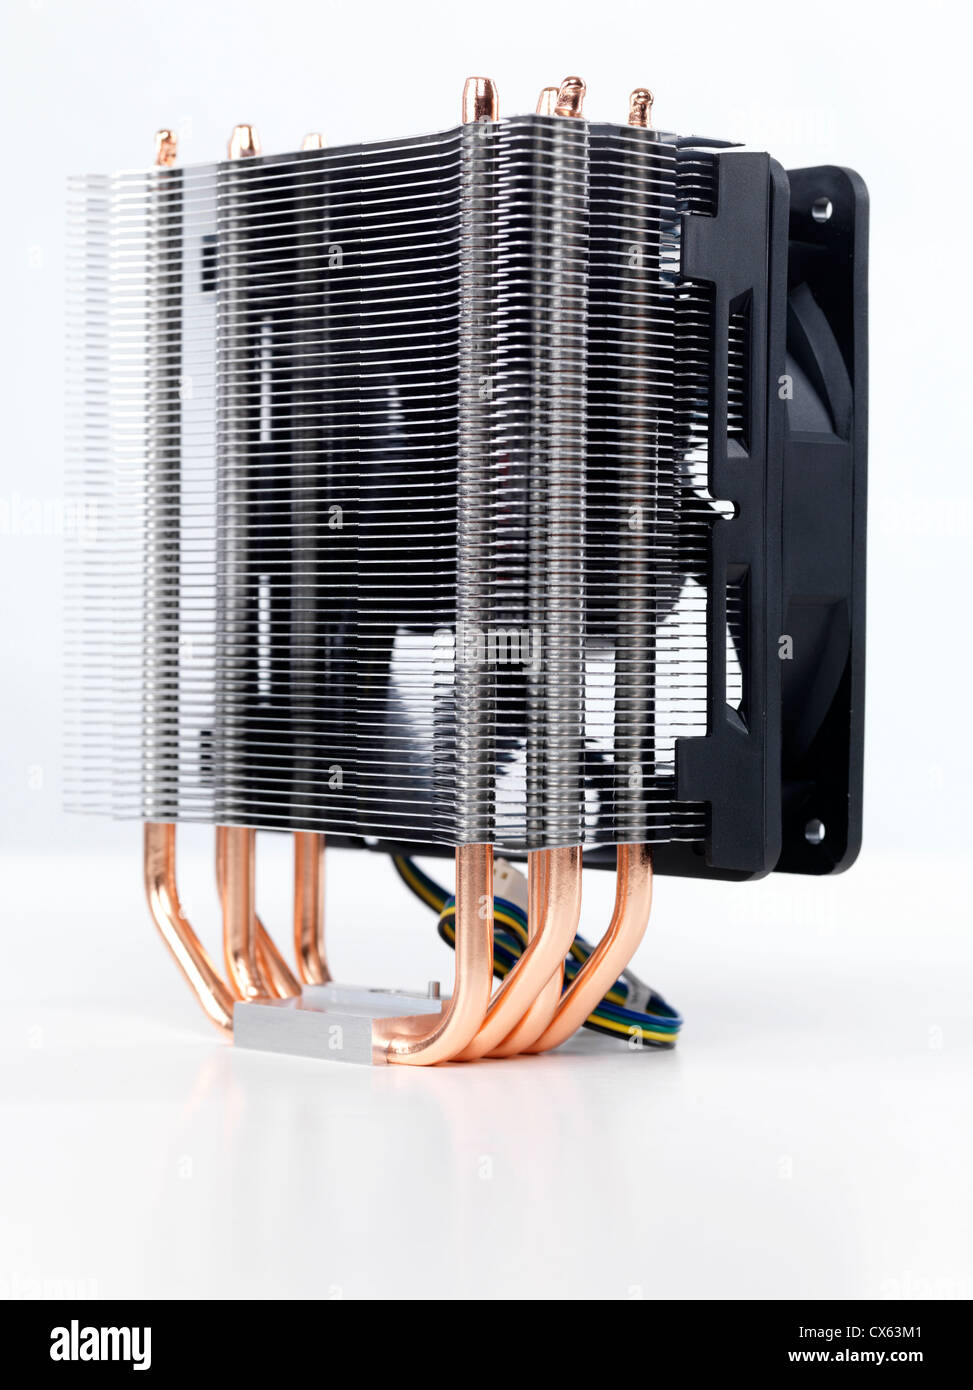 Vista dettagliata del computer dello scambiatore di calore del processore con un dissipatore di calore ed un ventilatore Immagini Stock